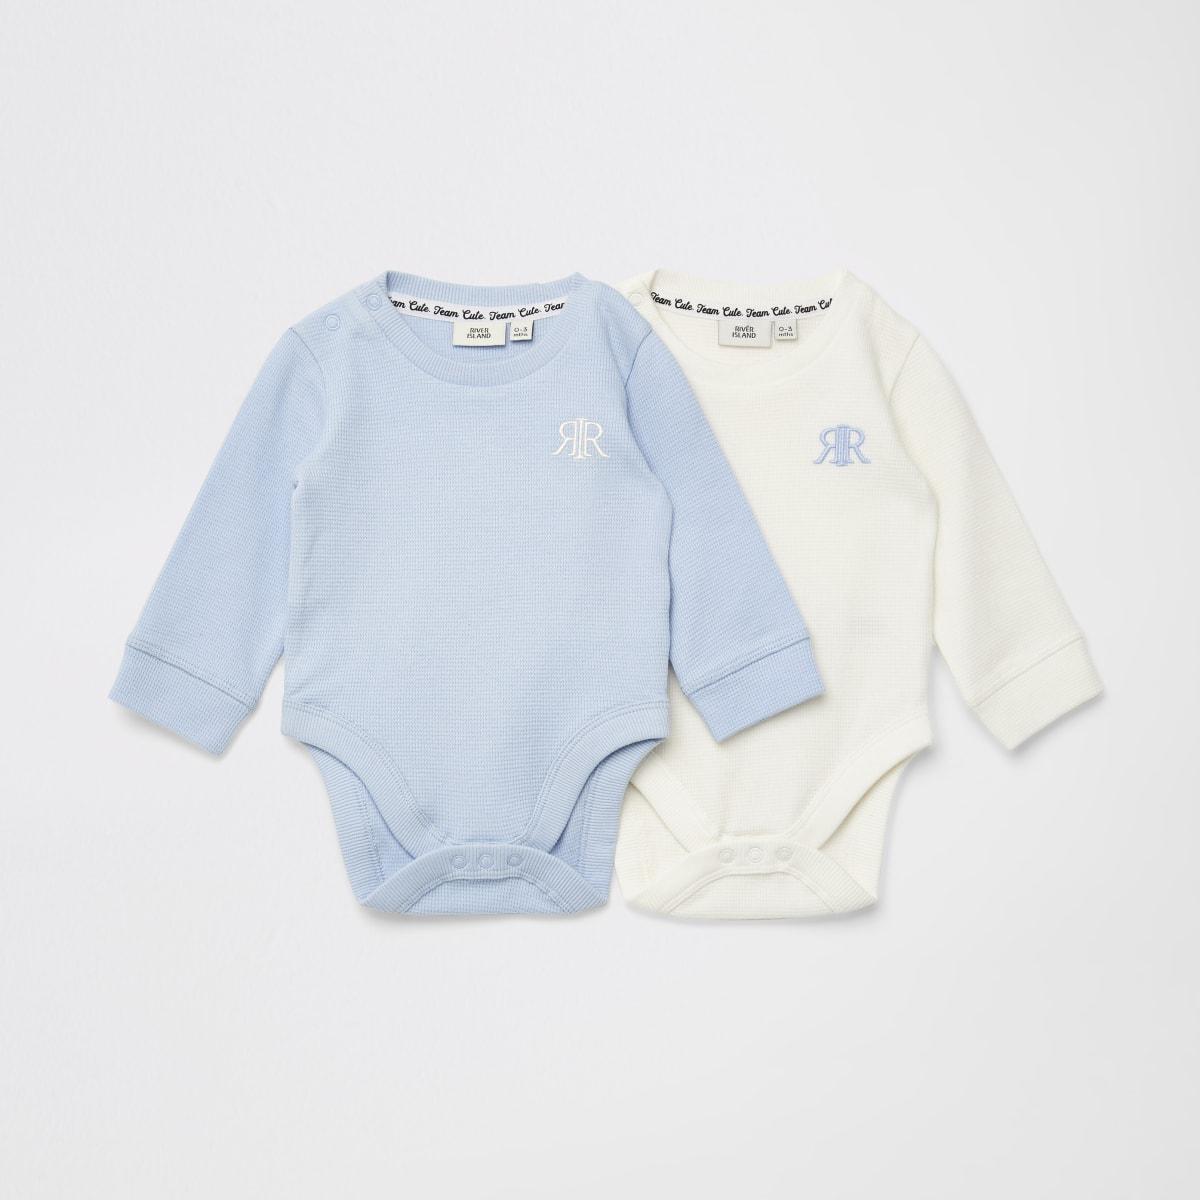 Set van 2 blauwe bodysuits met wafeldessin en RIR-print voor baby's